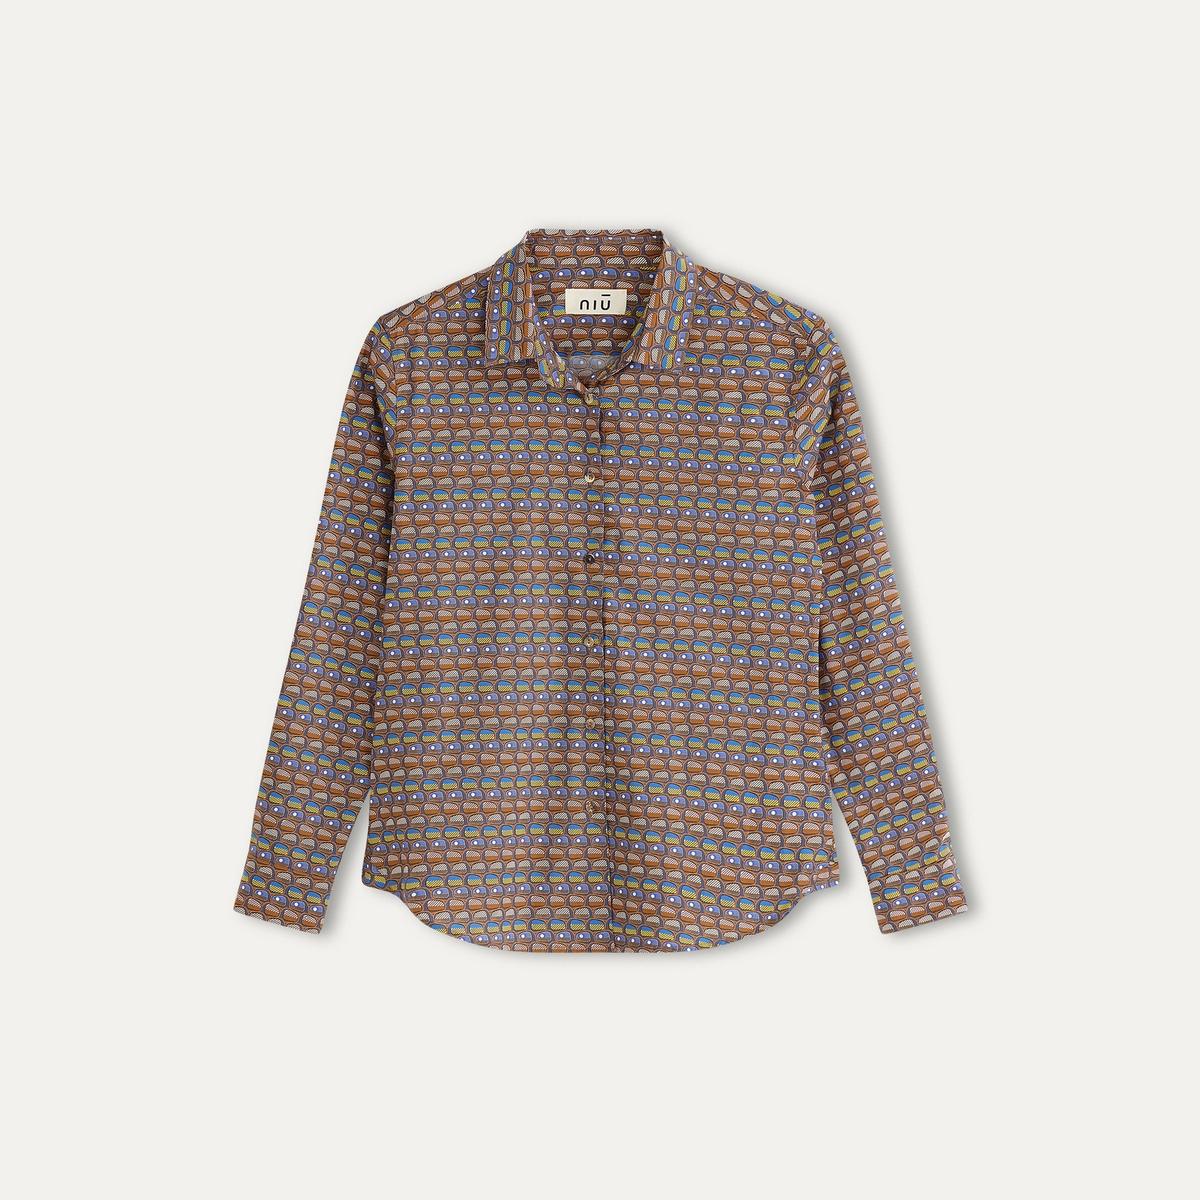 Рубашка с рисунком, женскаяСостав и описание Материал : 96% хлопка, 4% эластанаМарка : NIU<br><br>Цвет: горчичный,желтый,темно-бежевый